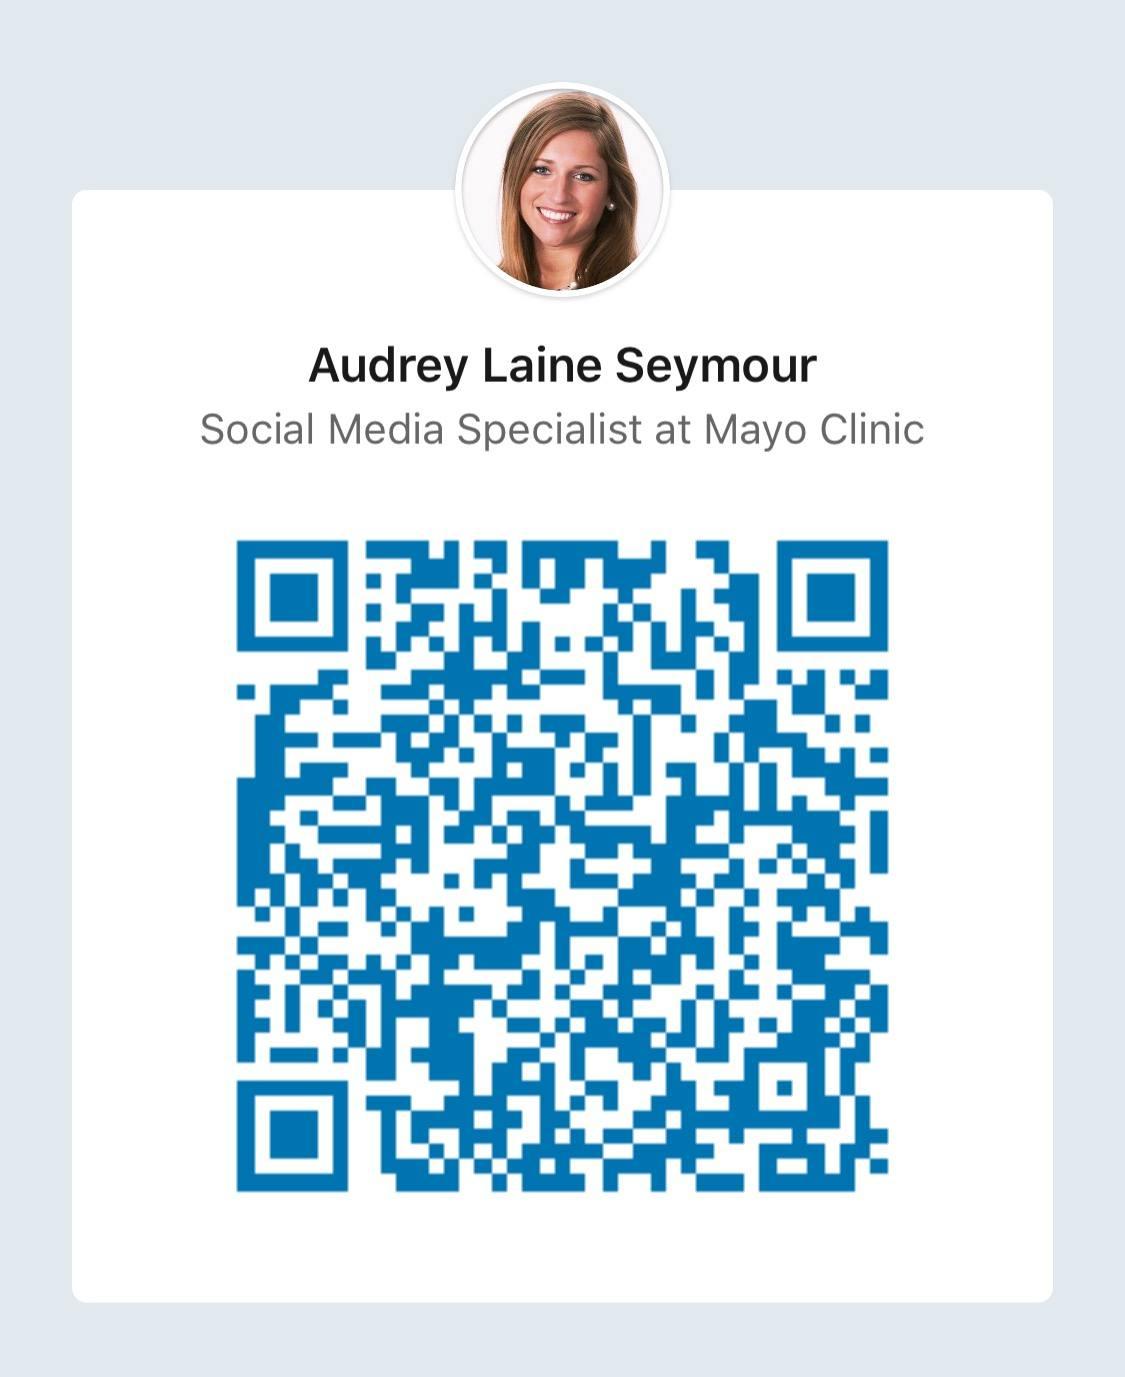 Audrey Laine's LinkedIn QR Code